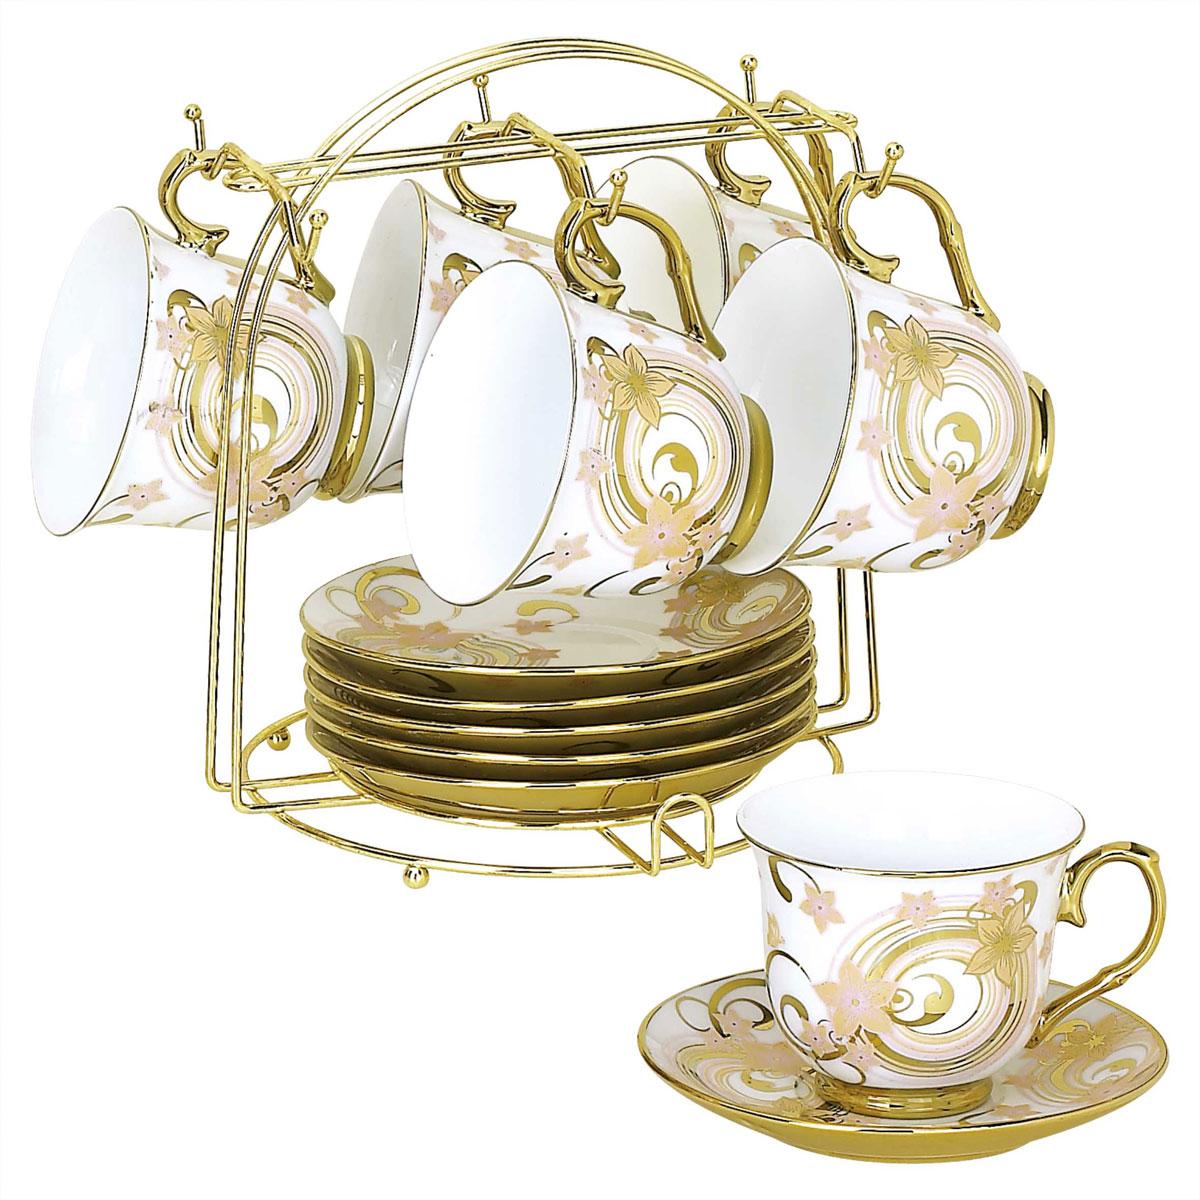 Набор чайный Bekker, 13 предметов. BK-5921 (8)BK-5921 (8)Чайный набор Bekker состоит из шести чашек и шести блюдец. Предметы набора изготовлены из высококачественного фарфора и украшены золотистой эмалью. Яркий цветочный орнамент придает набору изысканный внешний вид. В комплекте - металлическая хромированная подставка золотистого цвета с шестью крючками для подвешивания кружек и подставкой для блюдец. Чайный набор яркого и в тоже время лаконичного дизайна украсит интерьер кухни. Прекрасно подойдет как для торжественных случаев, так и для ежедневного использования. Подходит для мытья в посудомоечной машине.